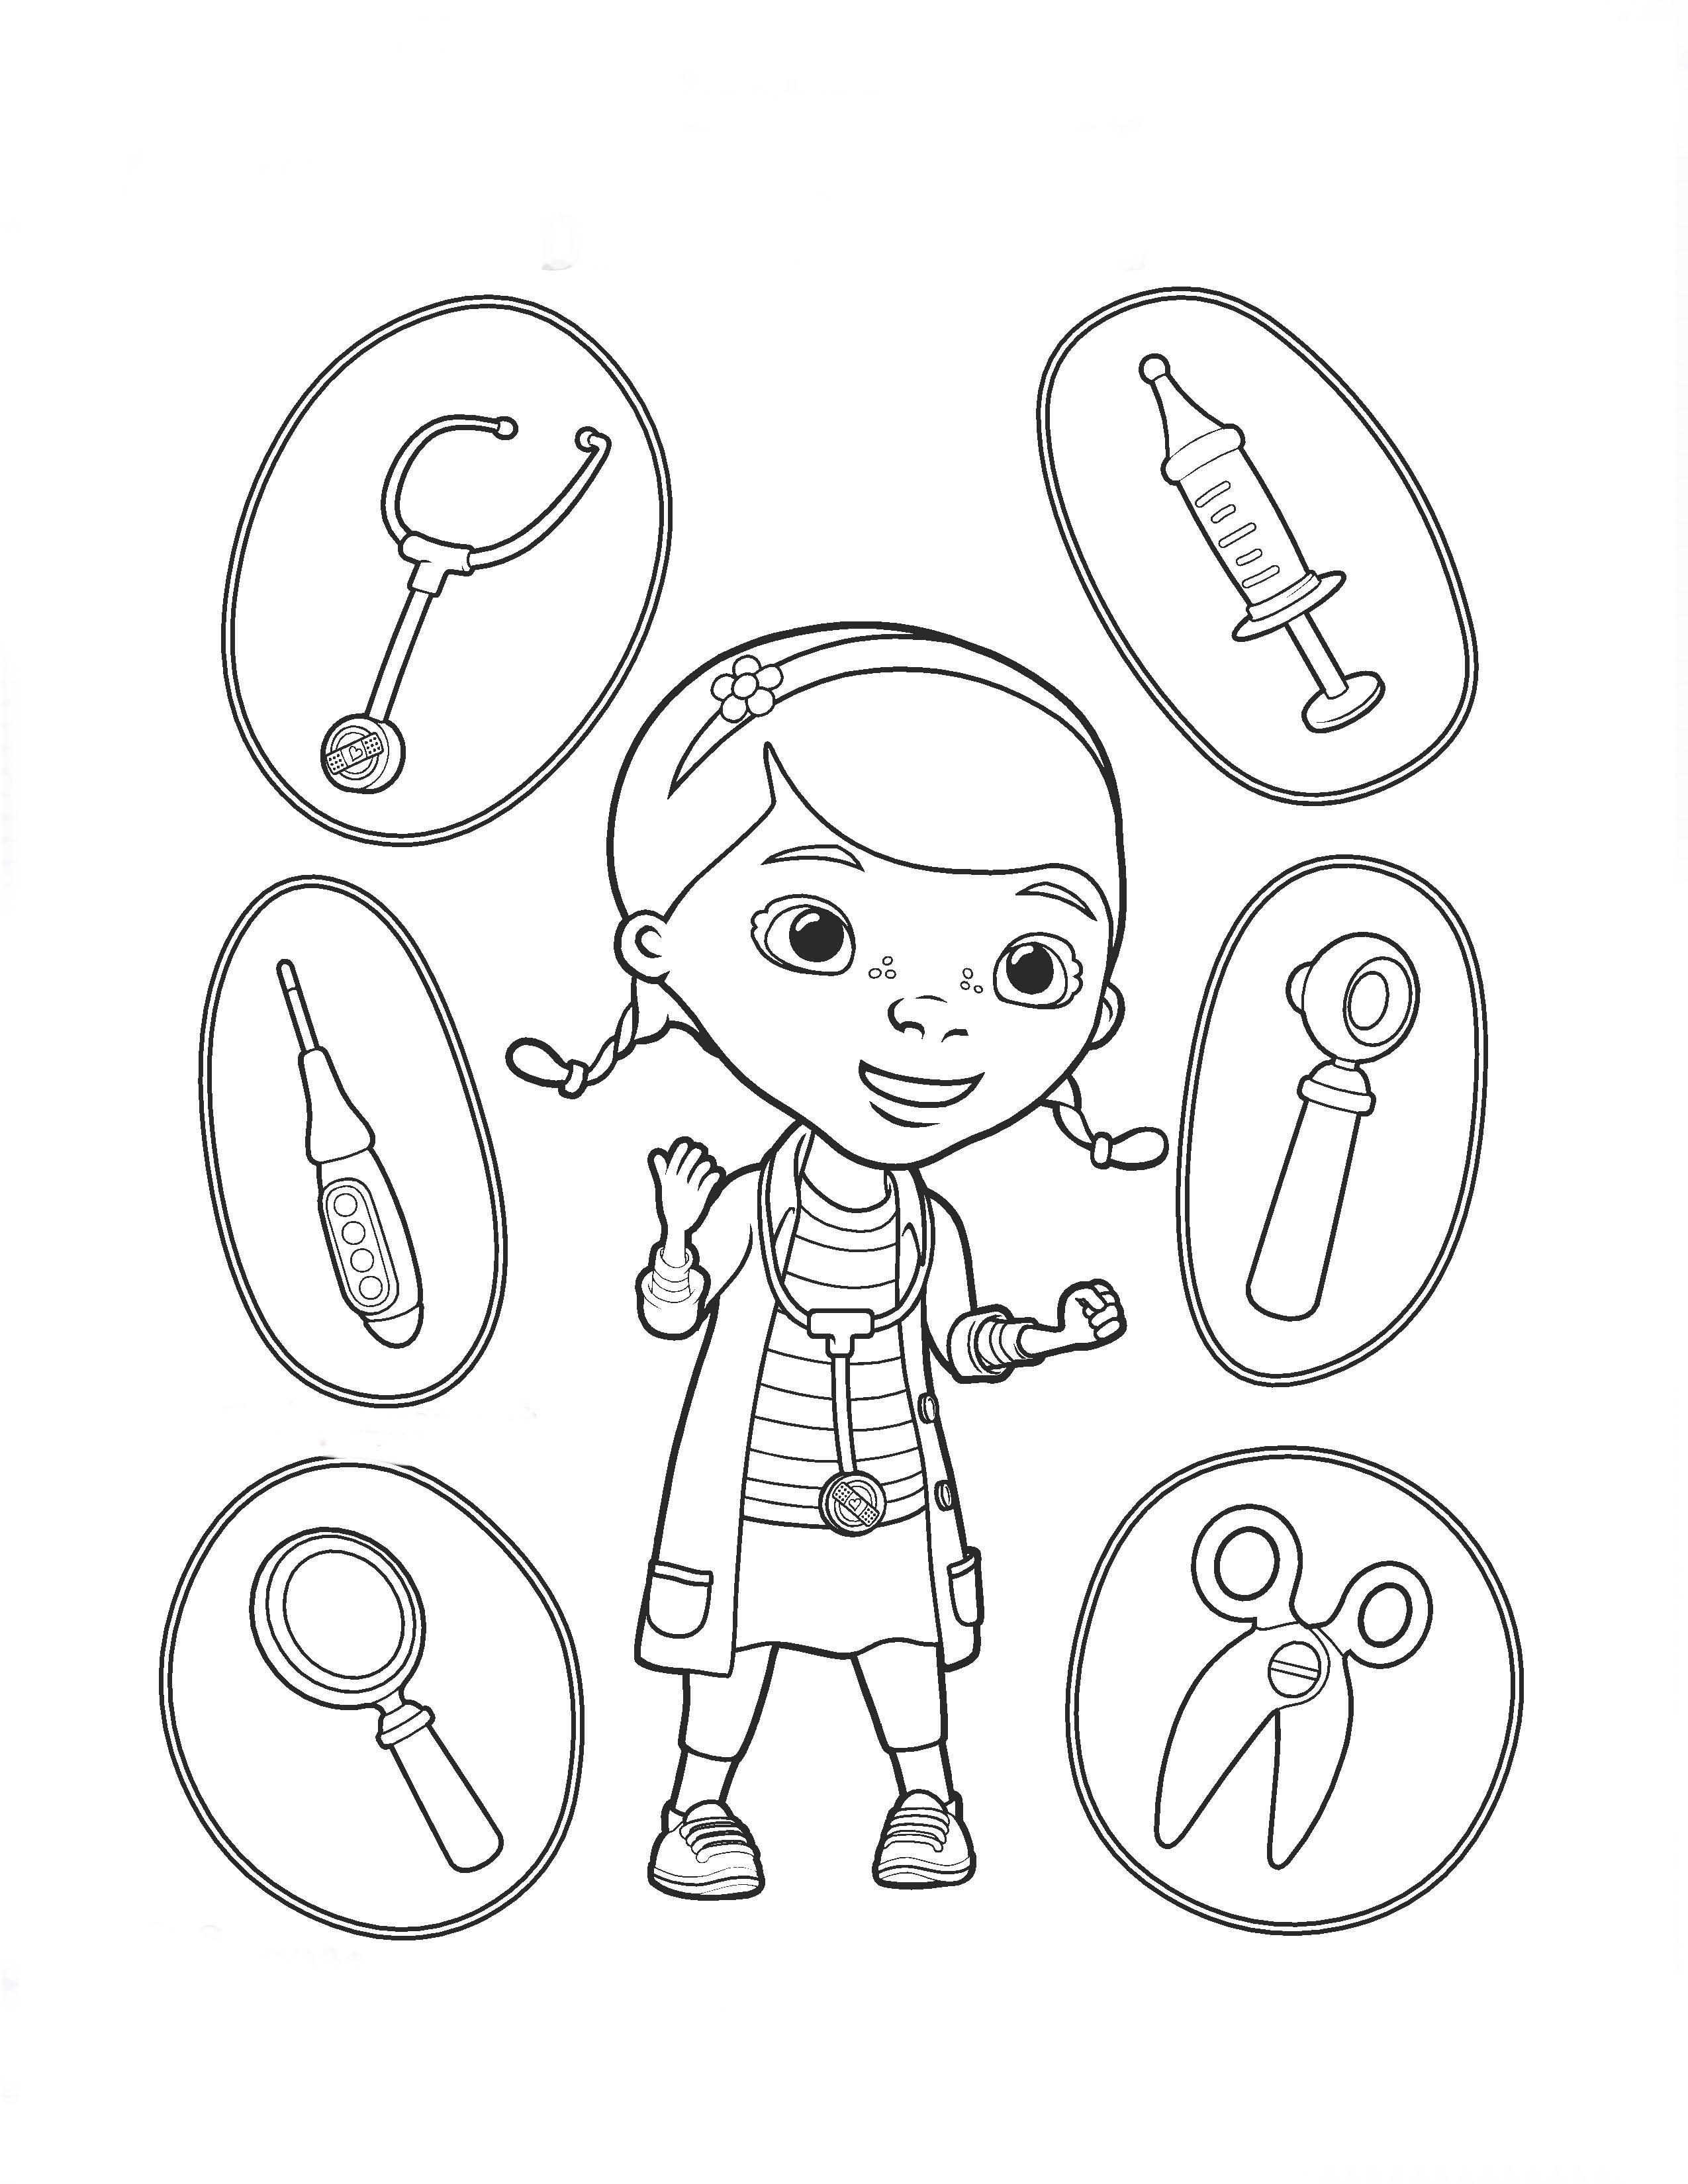 De Imprimir Doctora E Para Dibujos Juguetes ColorearPintar Gratis La gyvf7b6Y